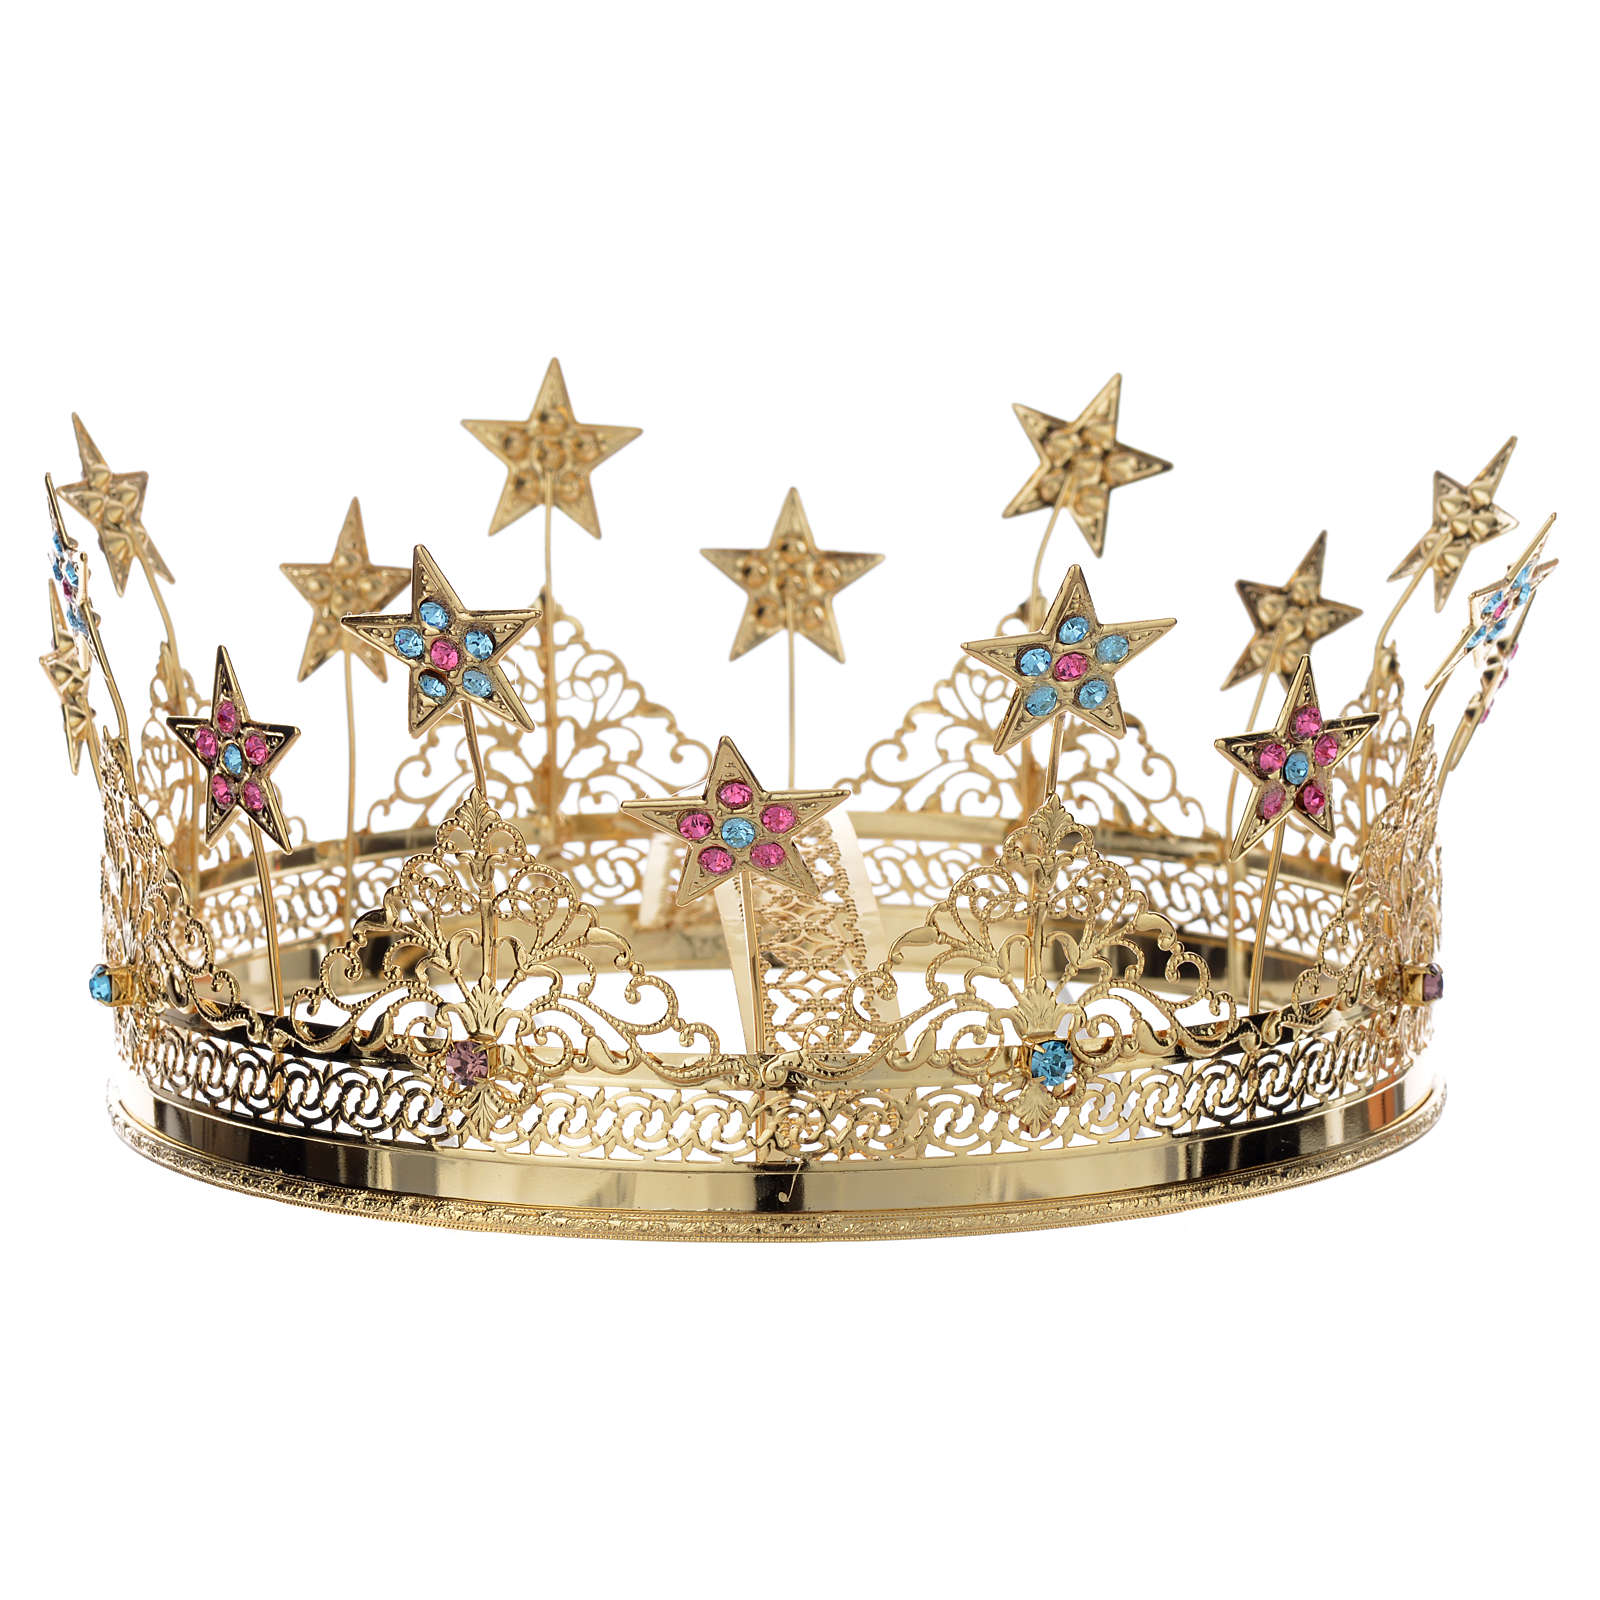 Corona ottone dorato strass colorati e stelle 3